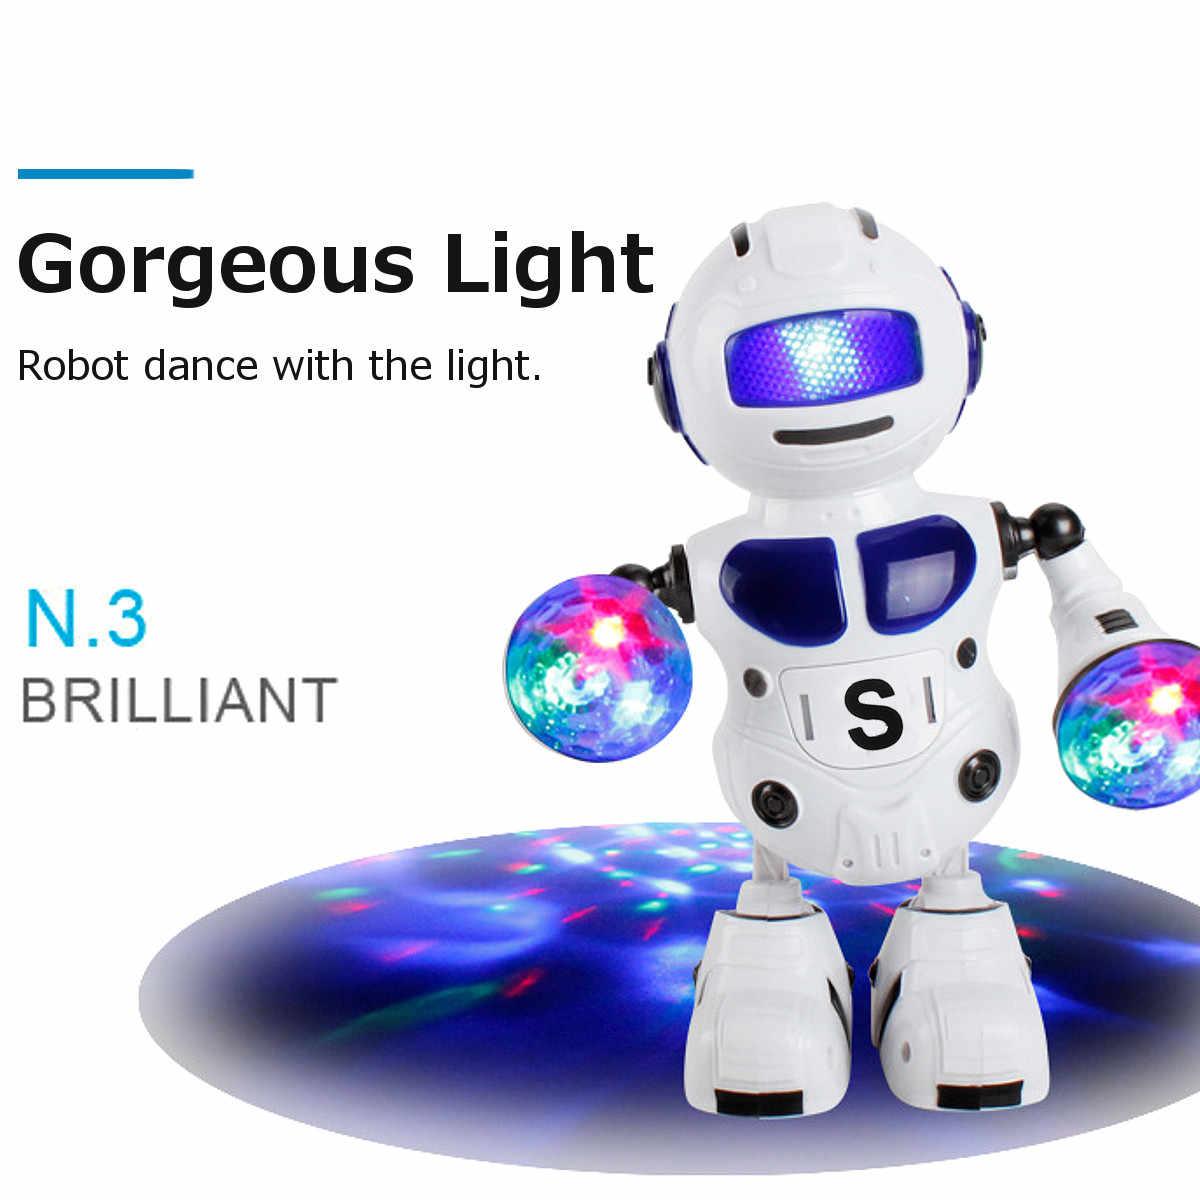 เด็กอิเล็กทรอนิกส์สมาร์ทเต้นรำหุ่นยนต์เพลงกระพริบ LED Light ของเล่นเดินคริสต์มาสปีใหม่ของขวัญเด็ก